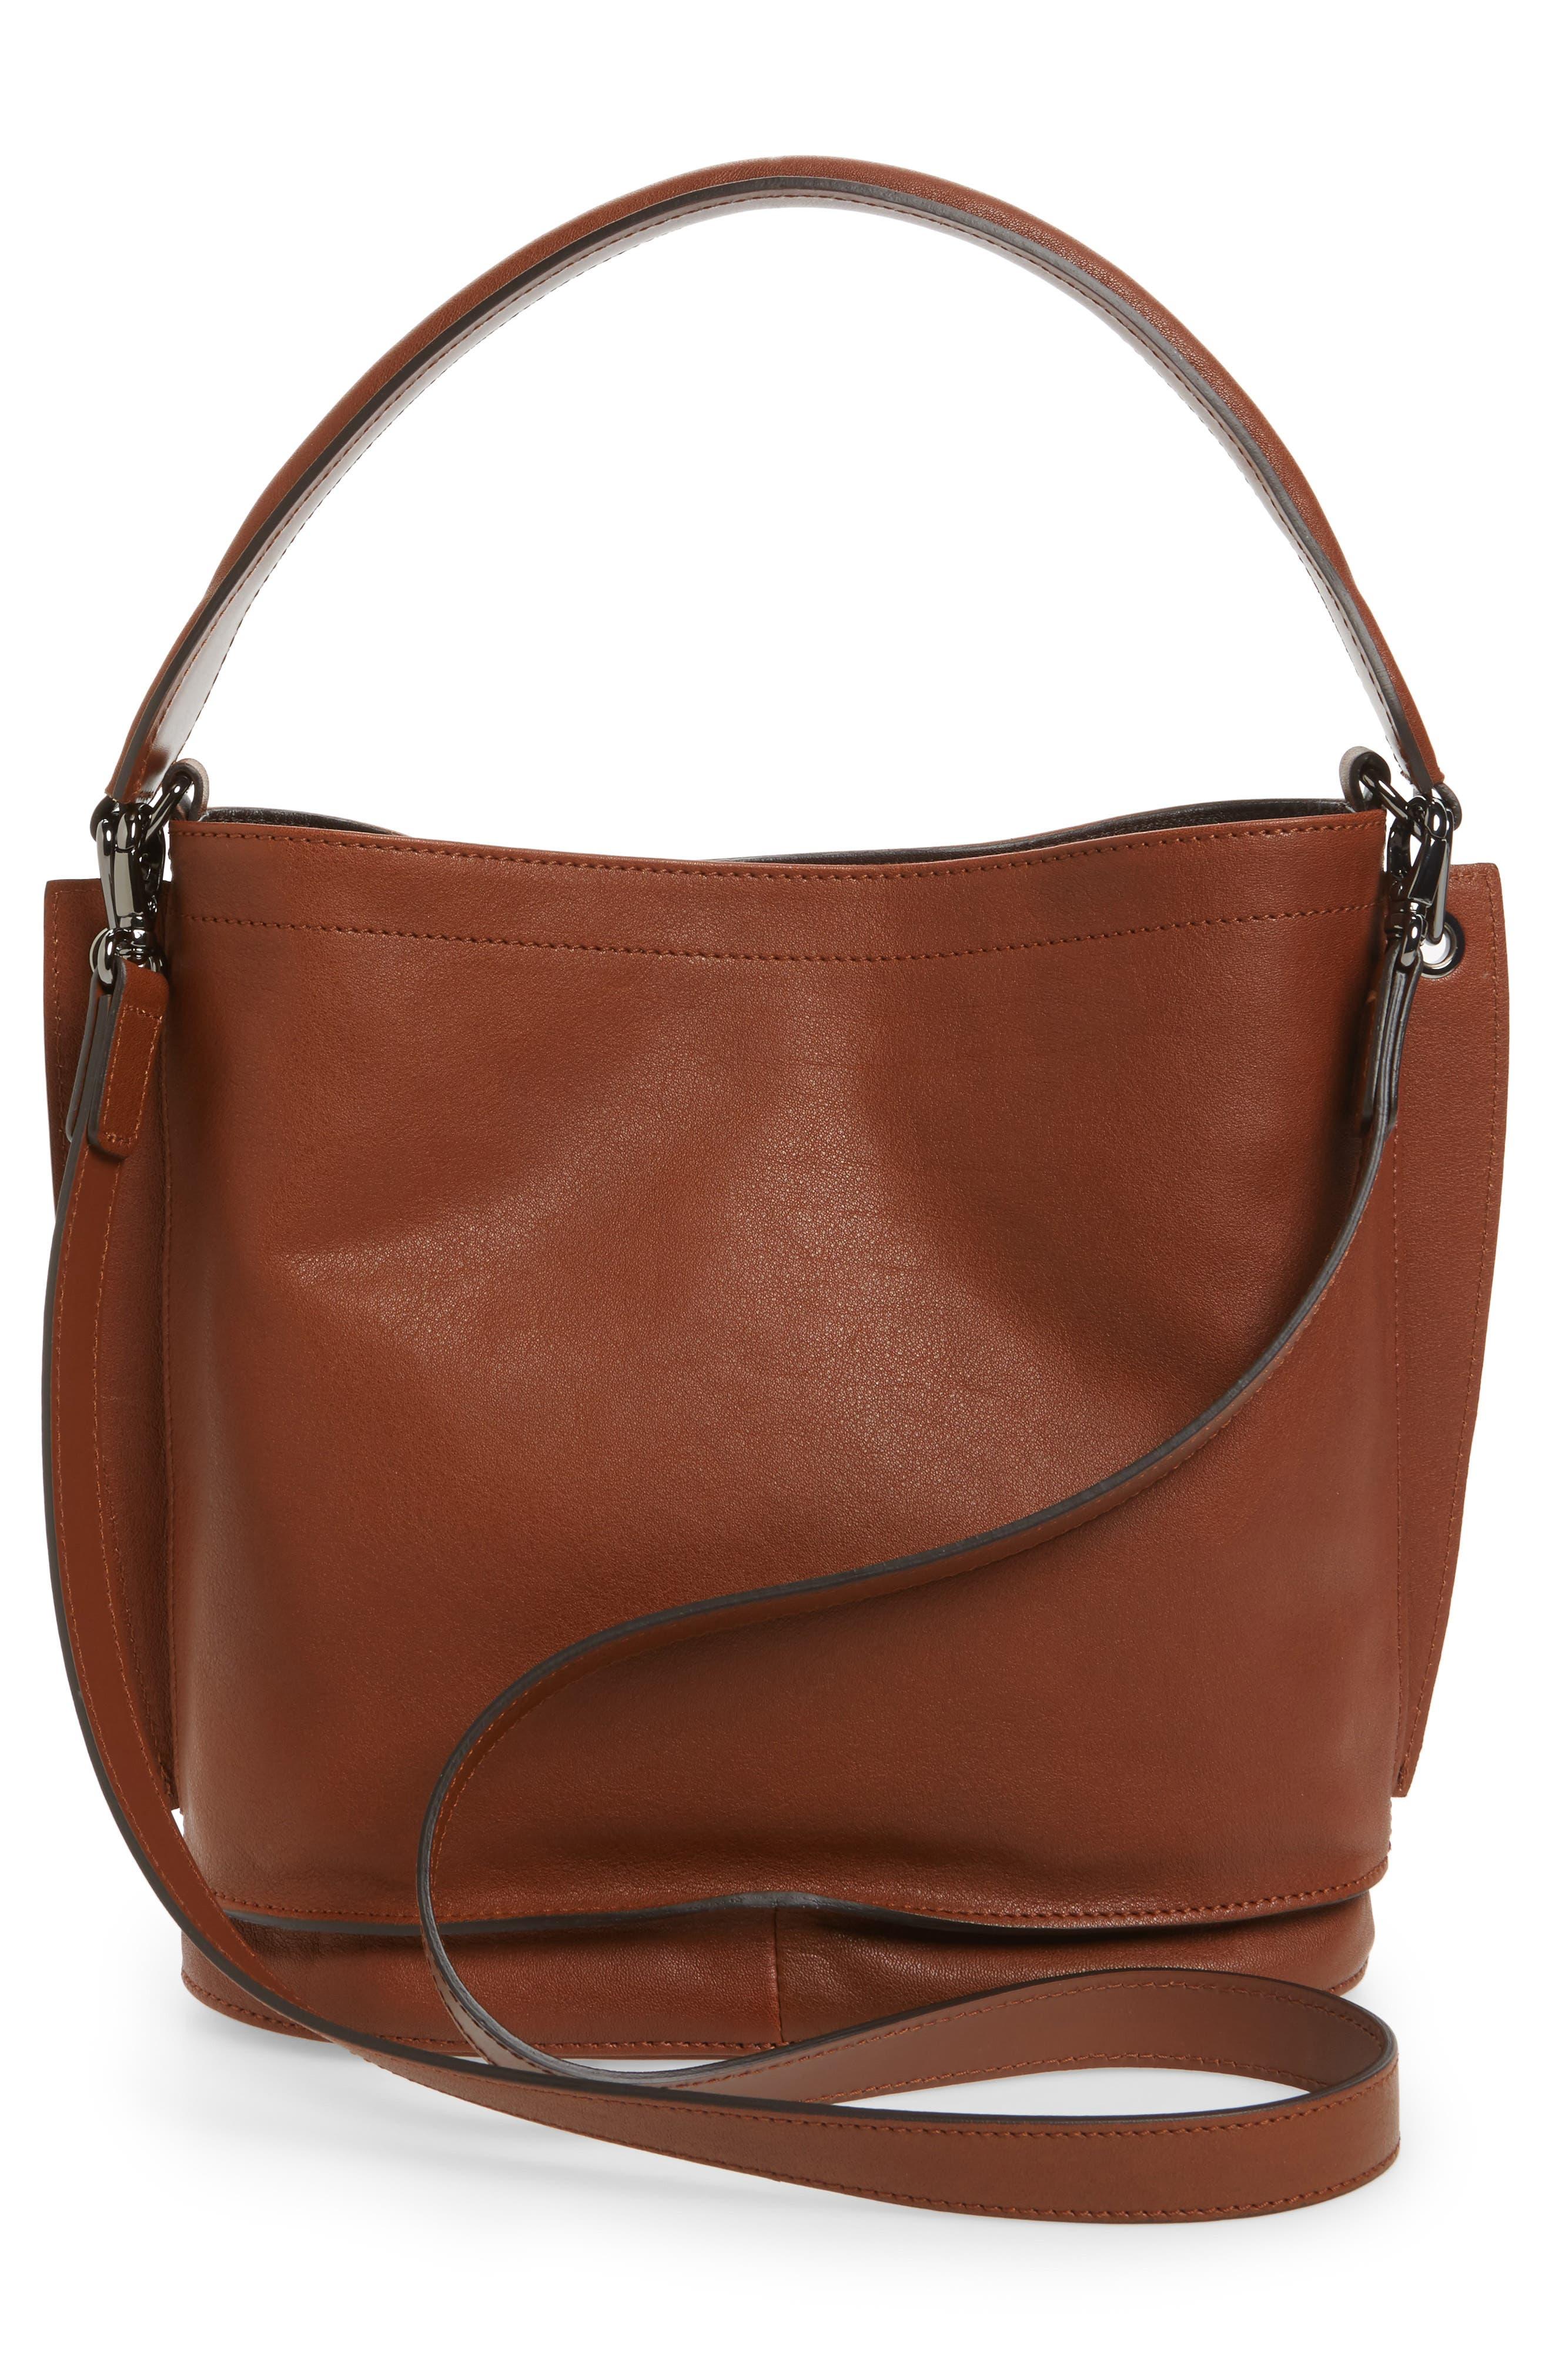 3D Leather Bucket Bag,                             Alternate thumbnail 3, color,                             COGNAC